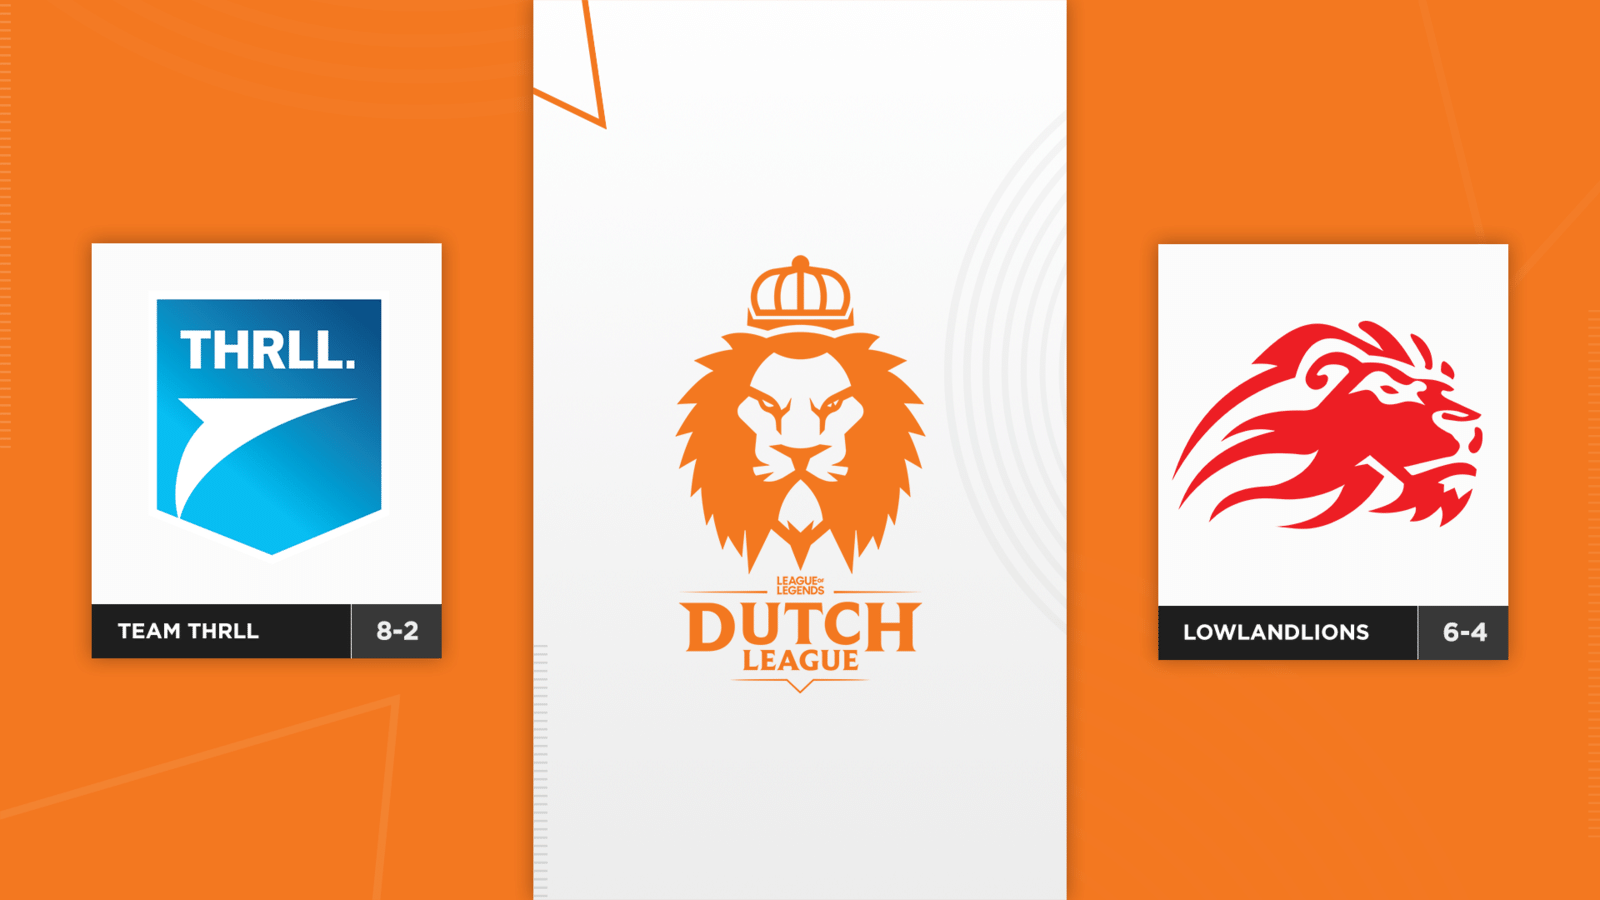 In de halve finale van de Dutch League treffen Team THRLL en LowLandLions elkaar.